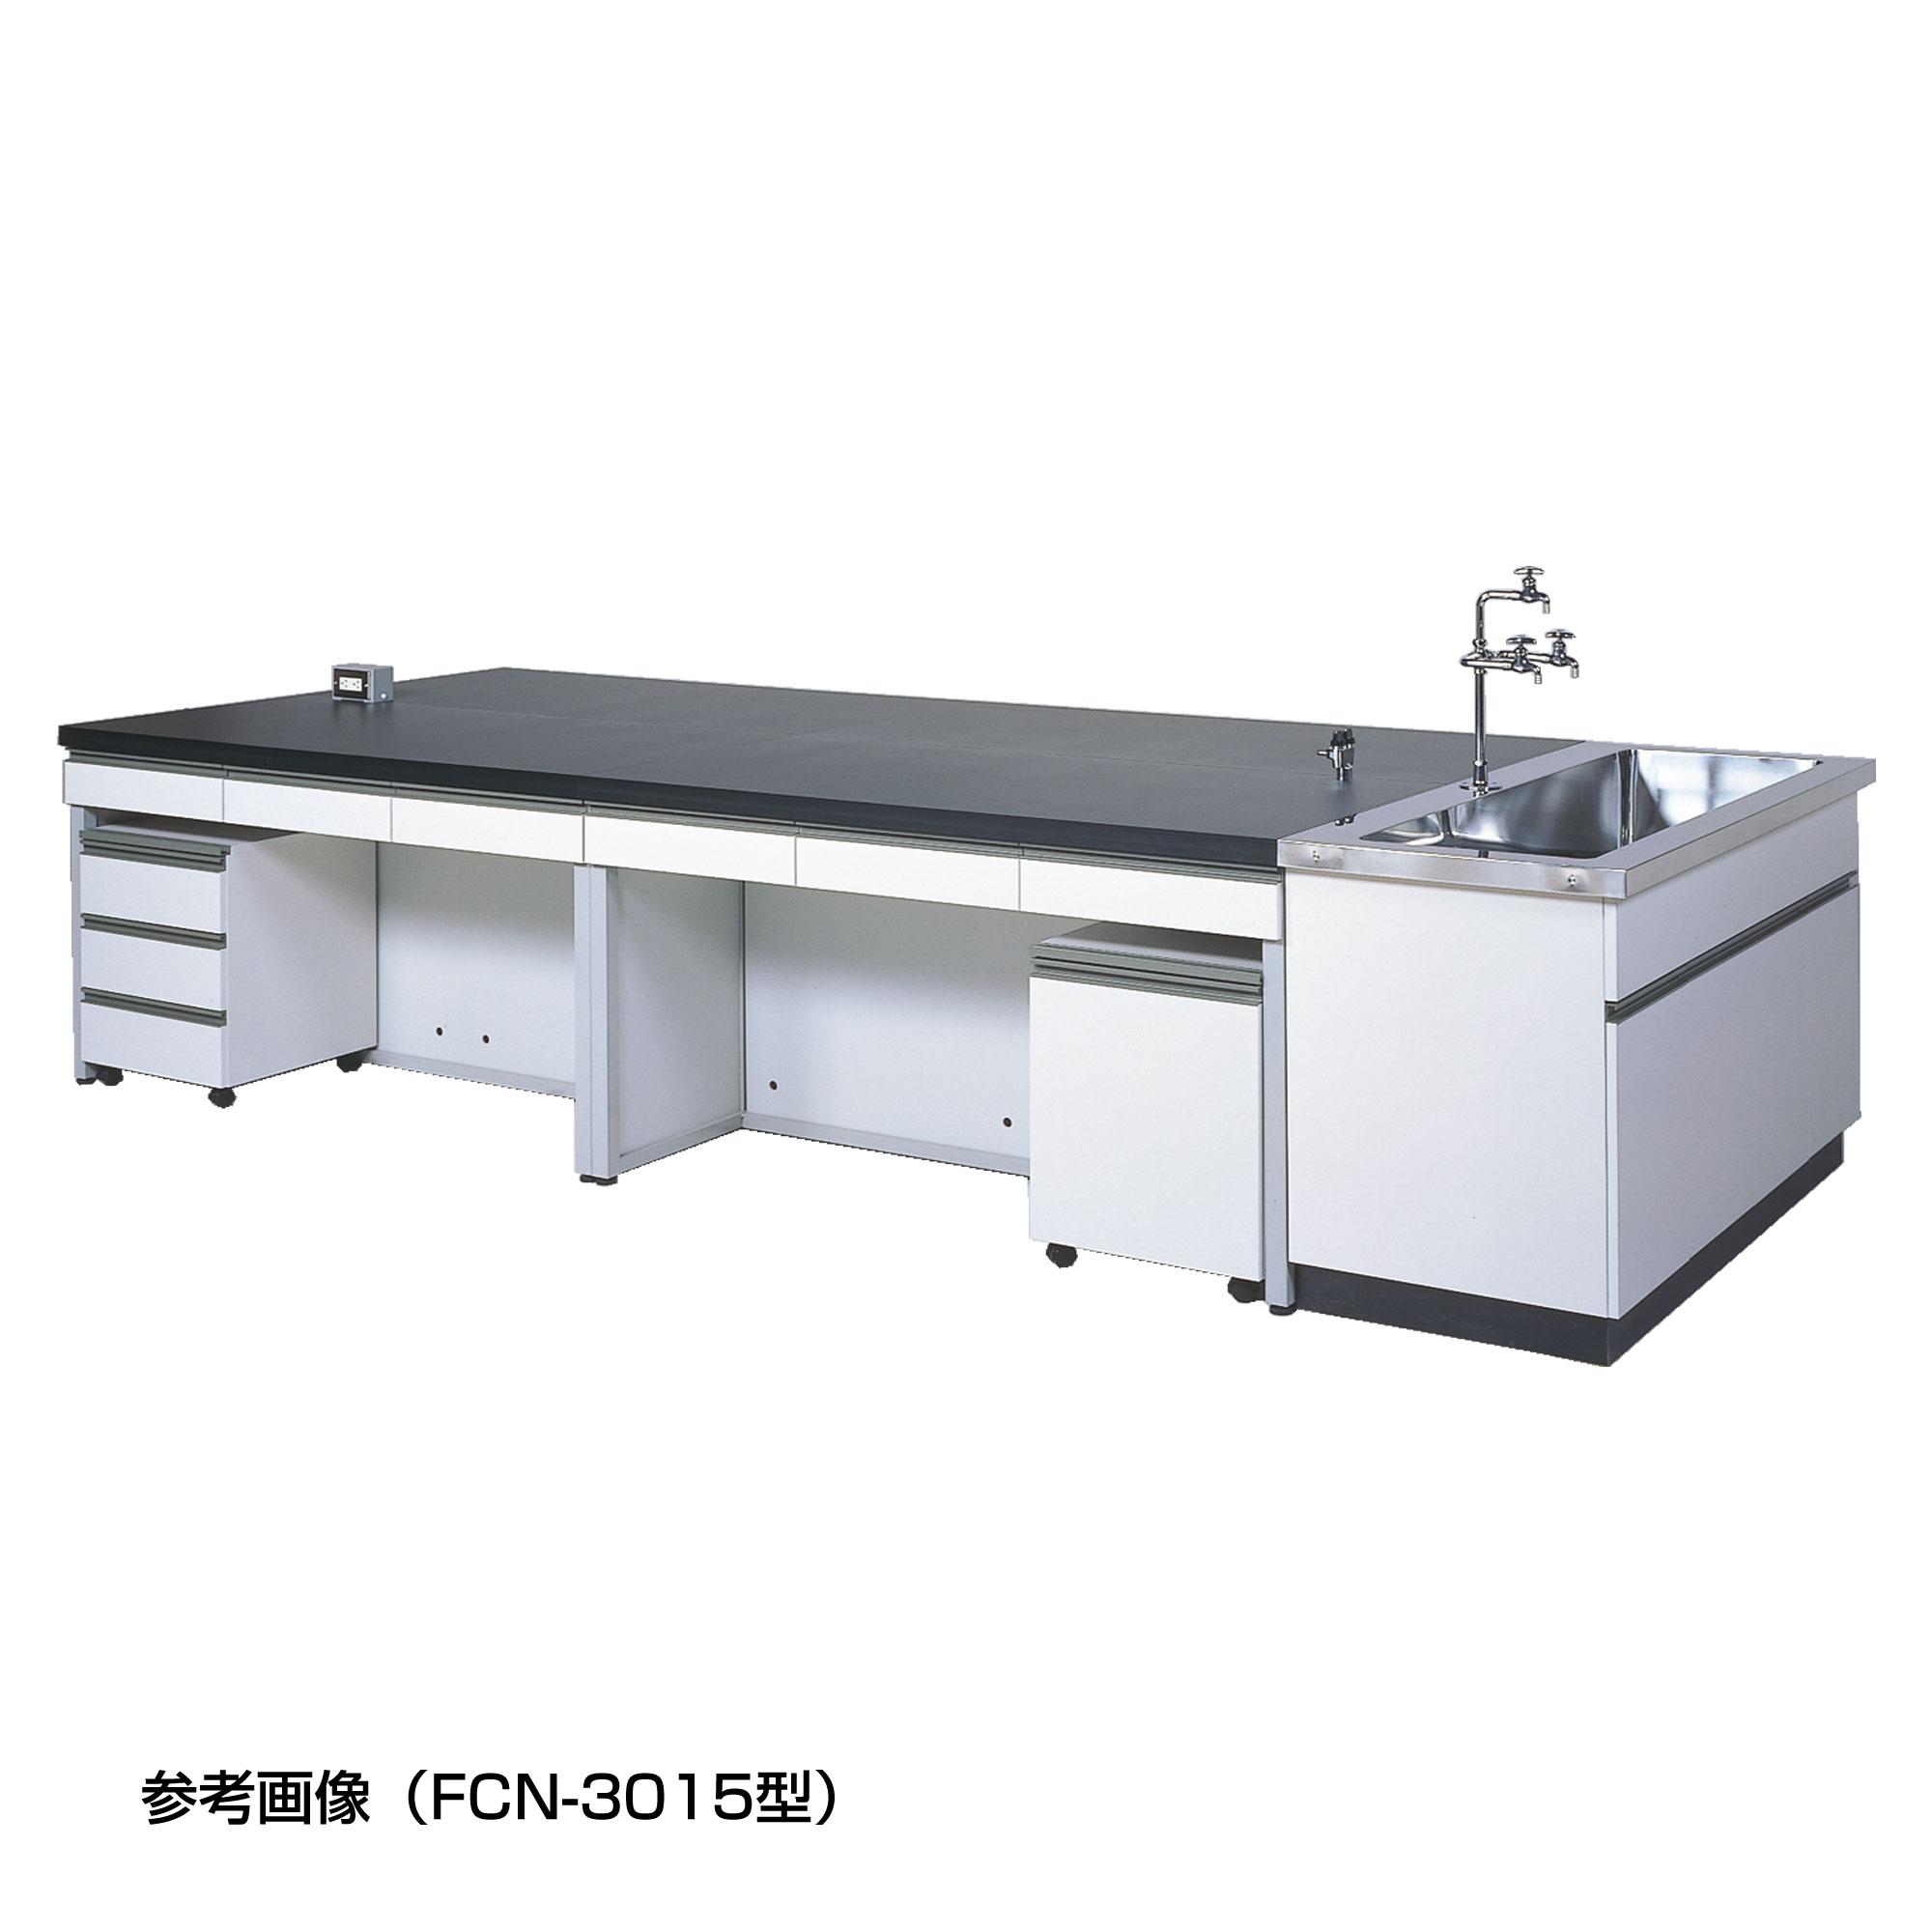 中央実験台 スチールフレーム製(ワゴンユニット・側面流し台付) FCNシリーズ